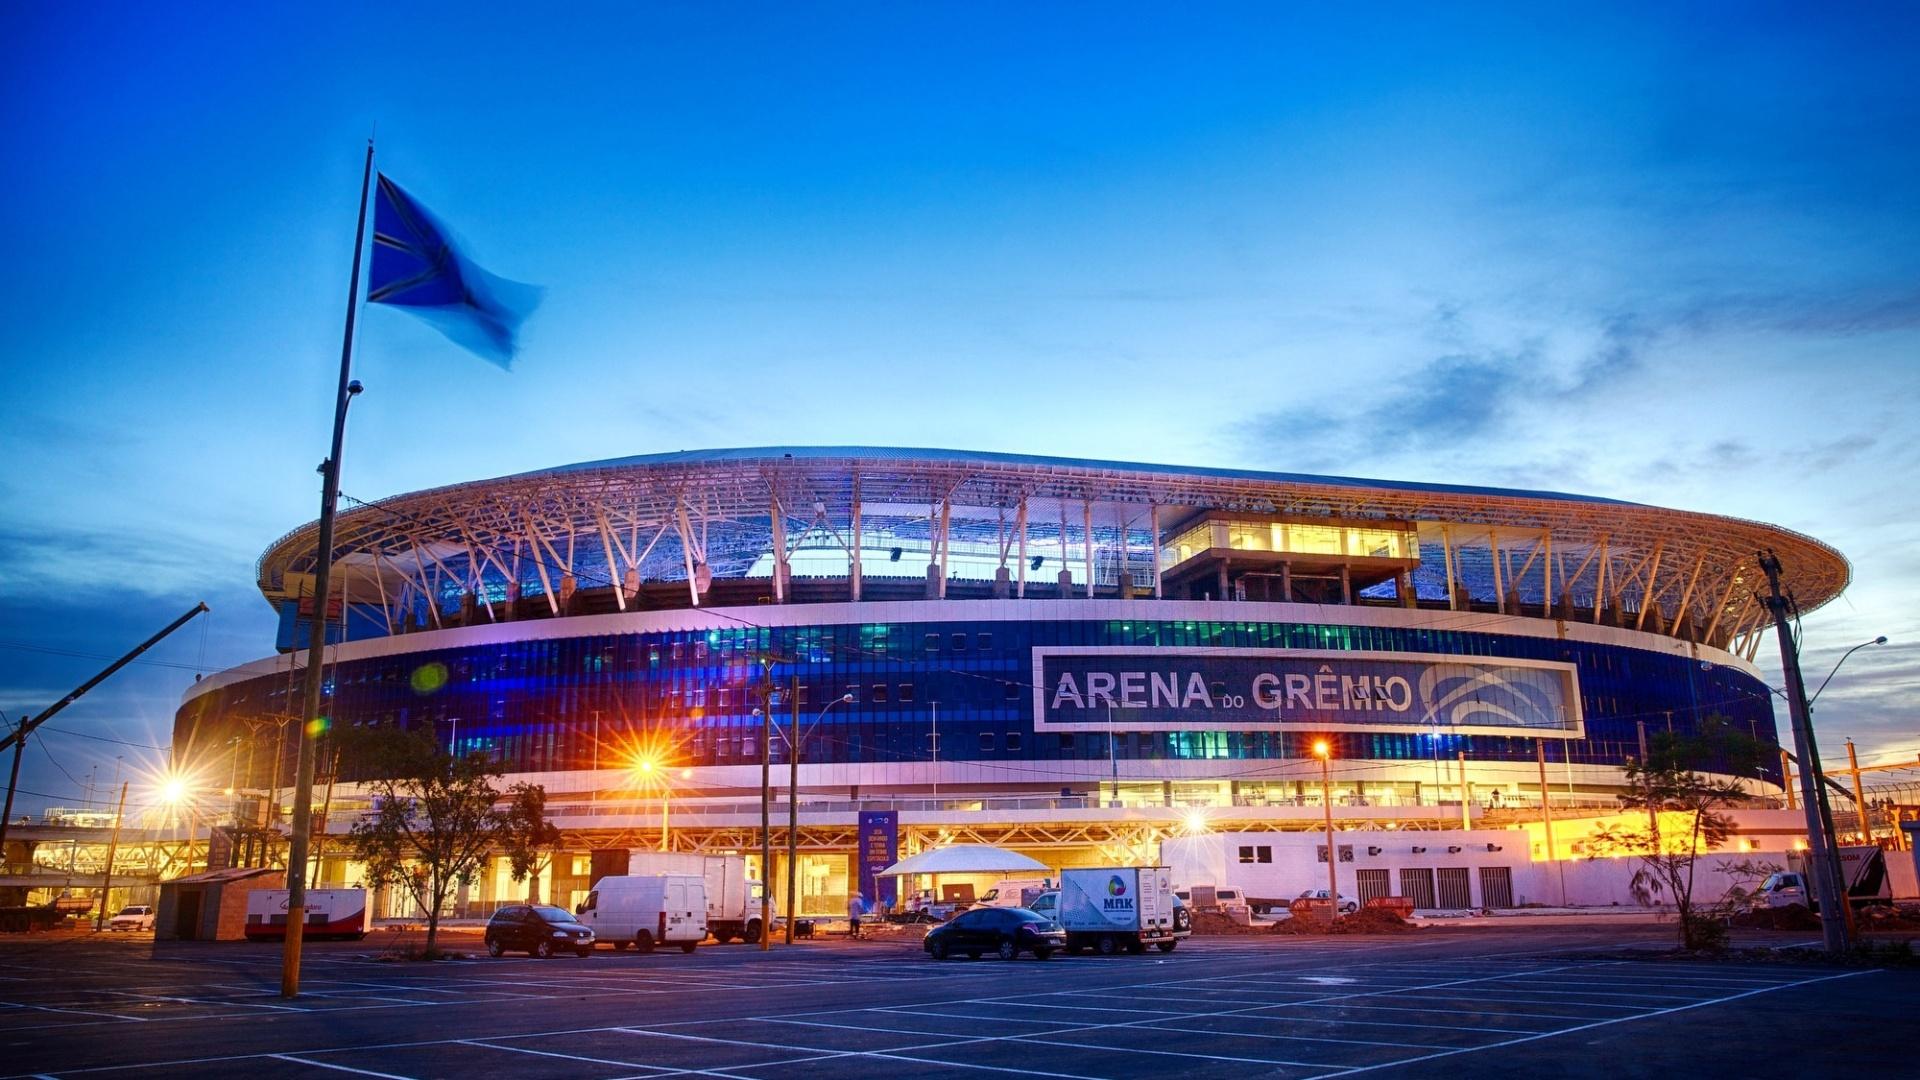 Arena-do-Gremio